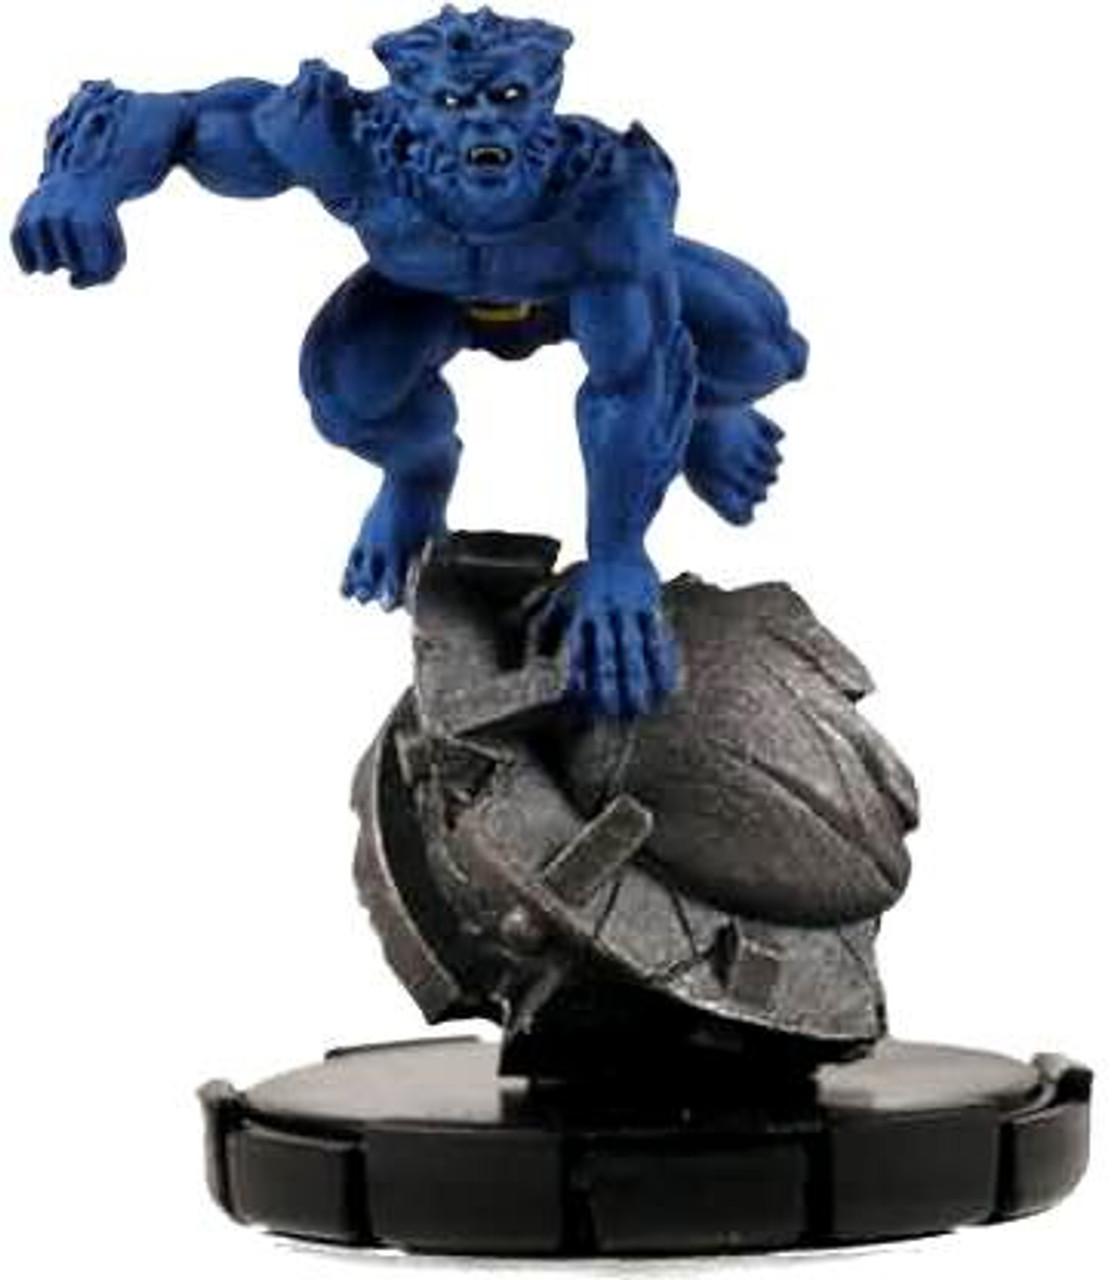 Marvel HeroClix Danger Room Collector Set Beast #005